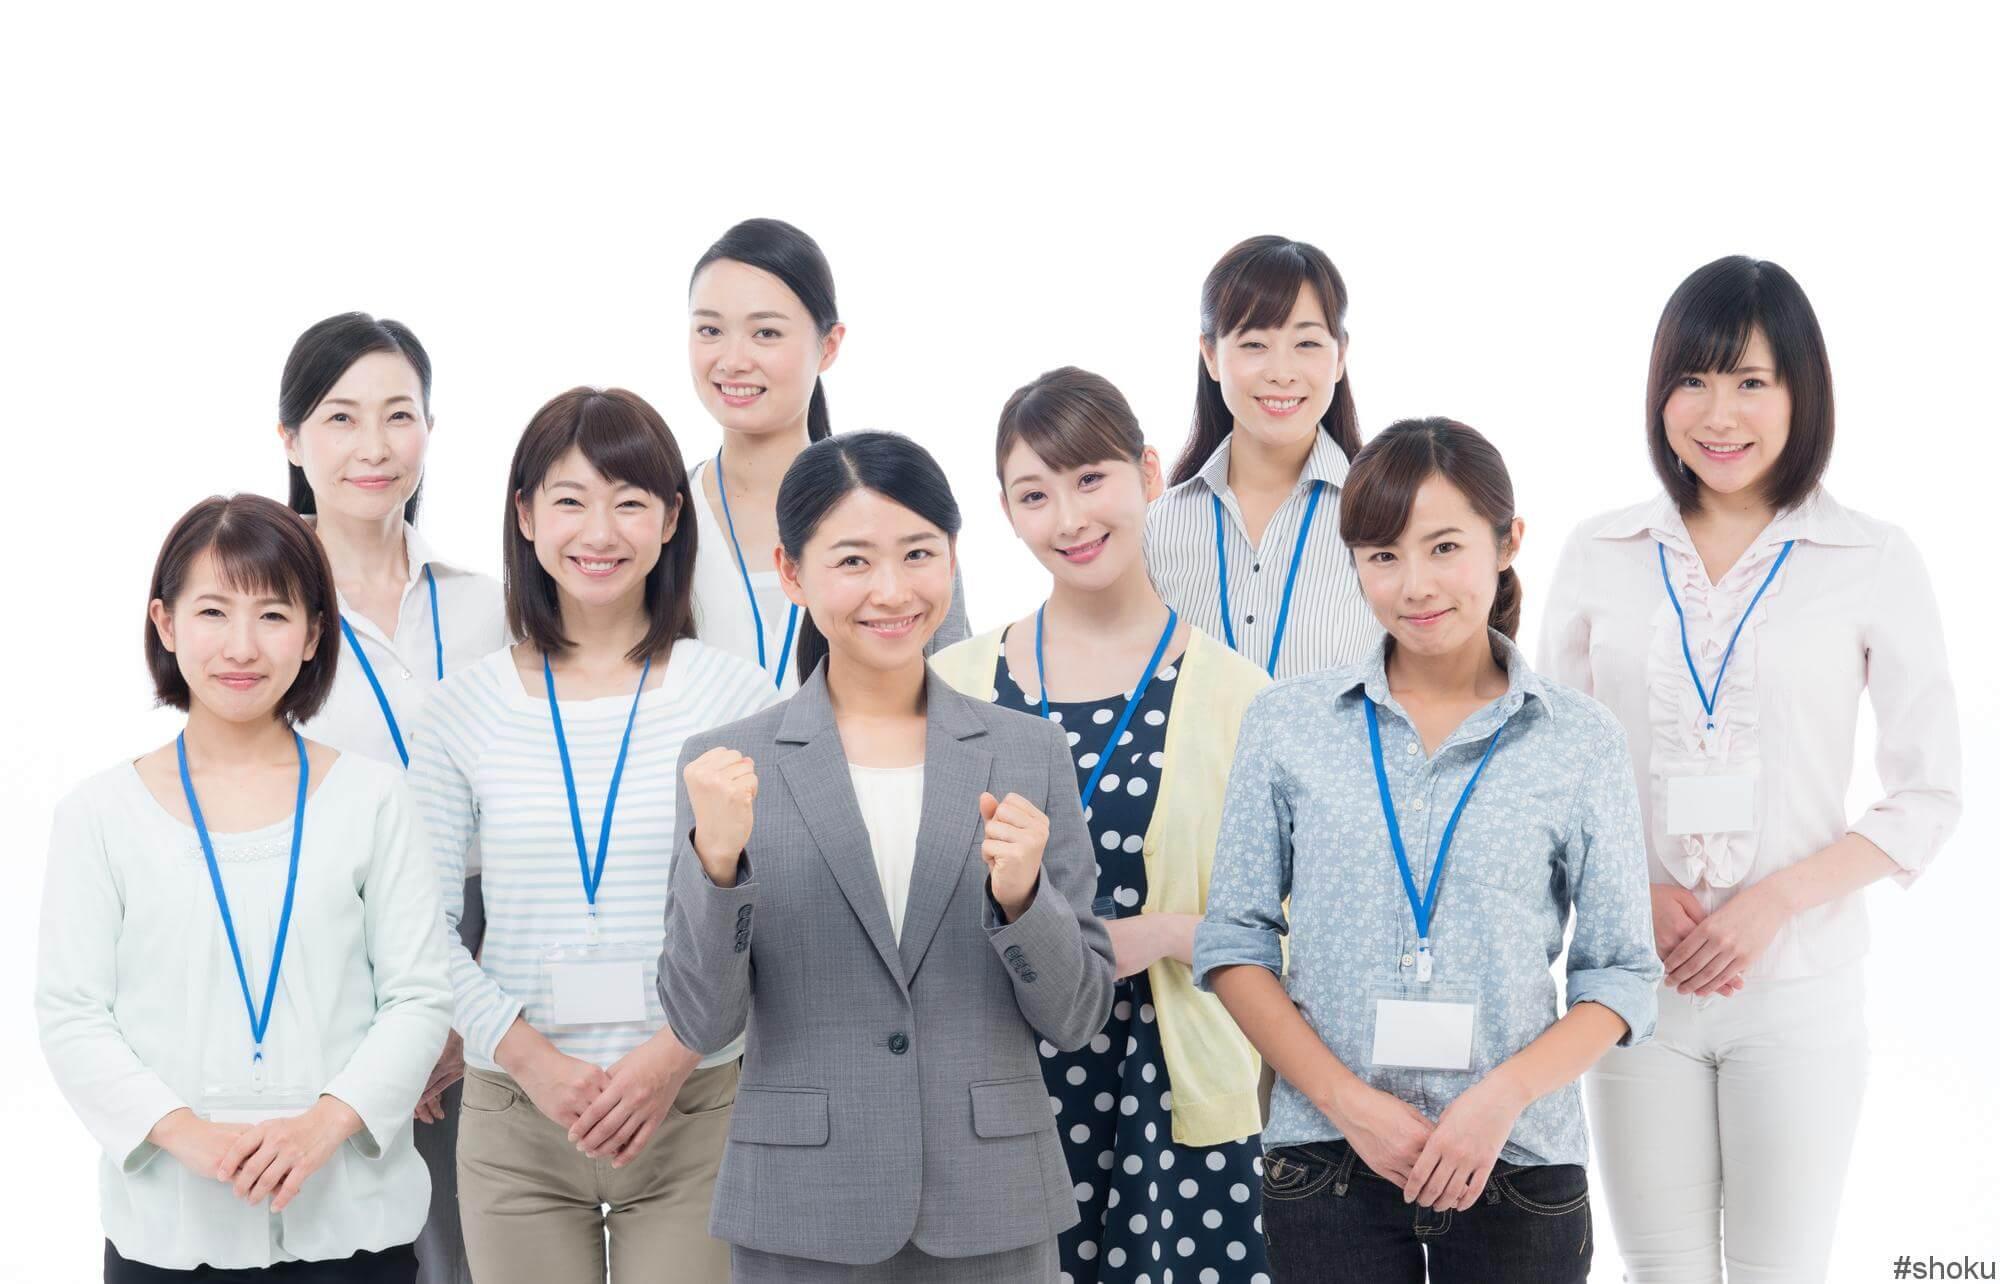 本社と支社勤務の営業事務の仕事内容の違いについて理解して笑顔になる人々